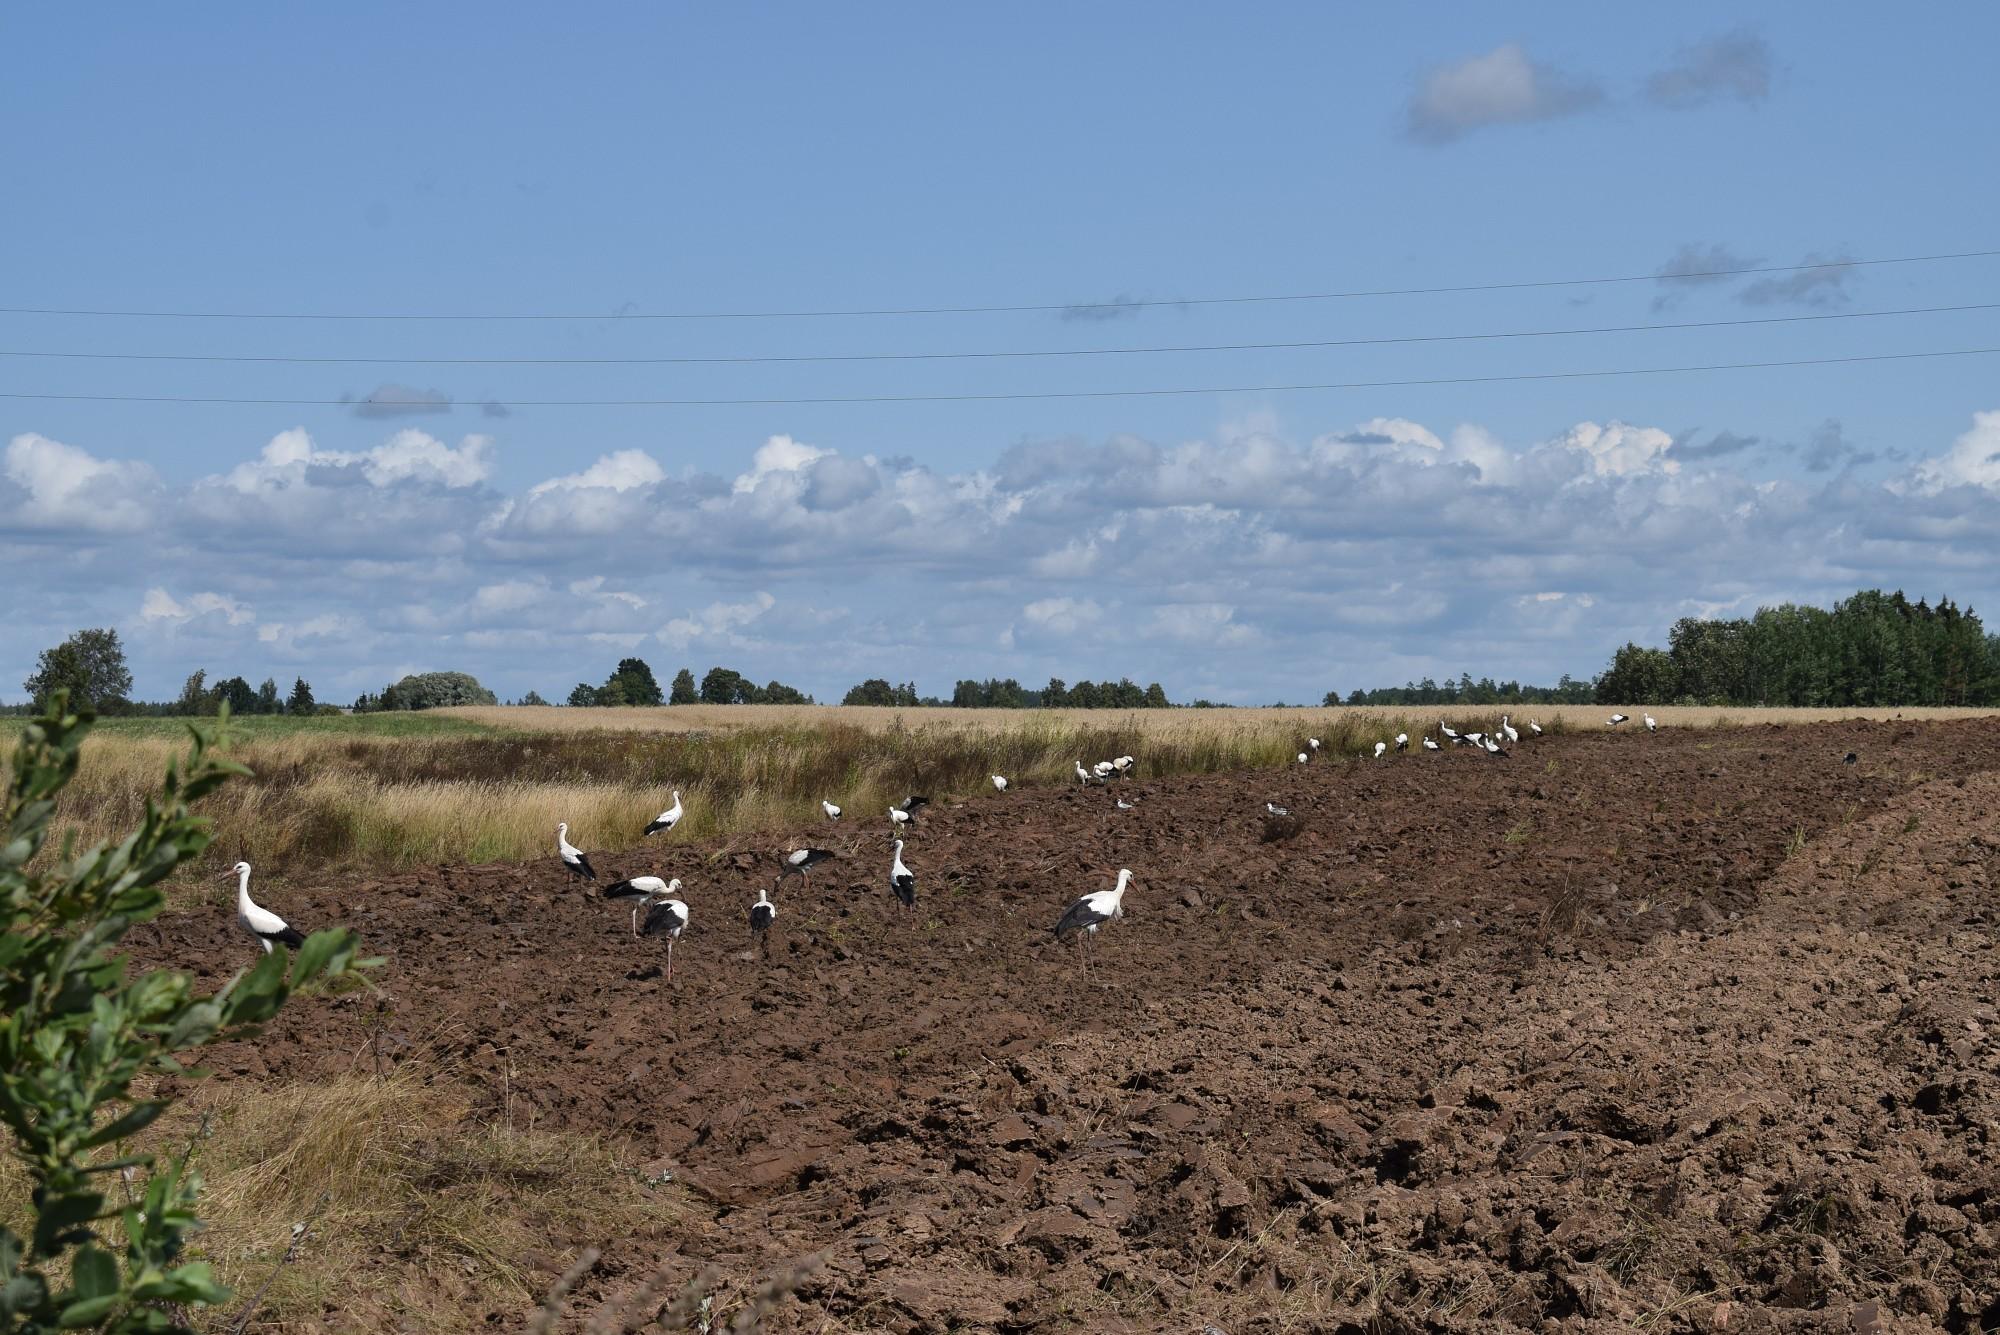 Atbalsta pasākumiem lauksaimniecībā novirzīs 45,5 miljonus eiro